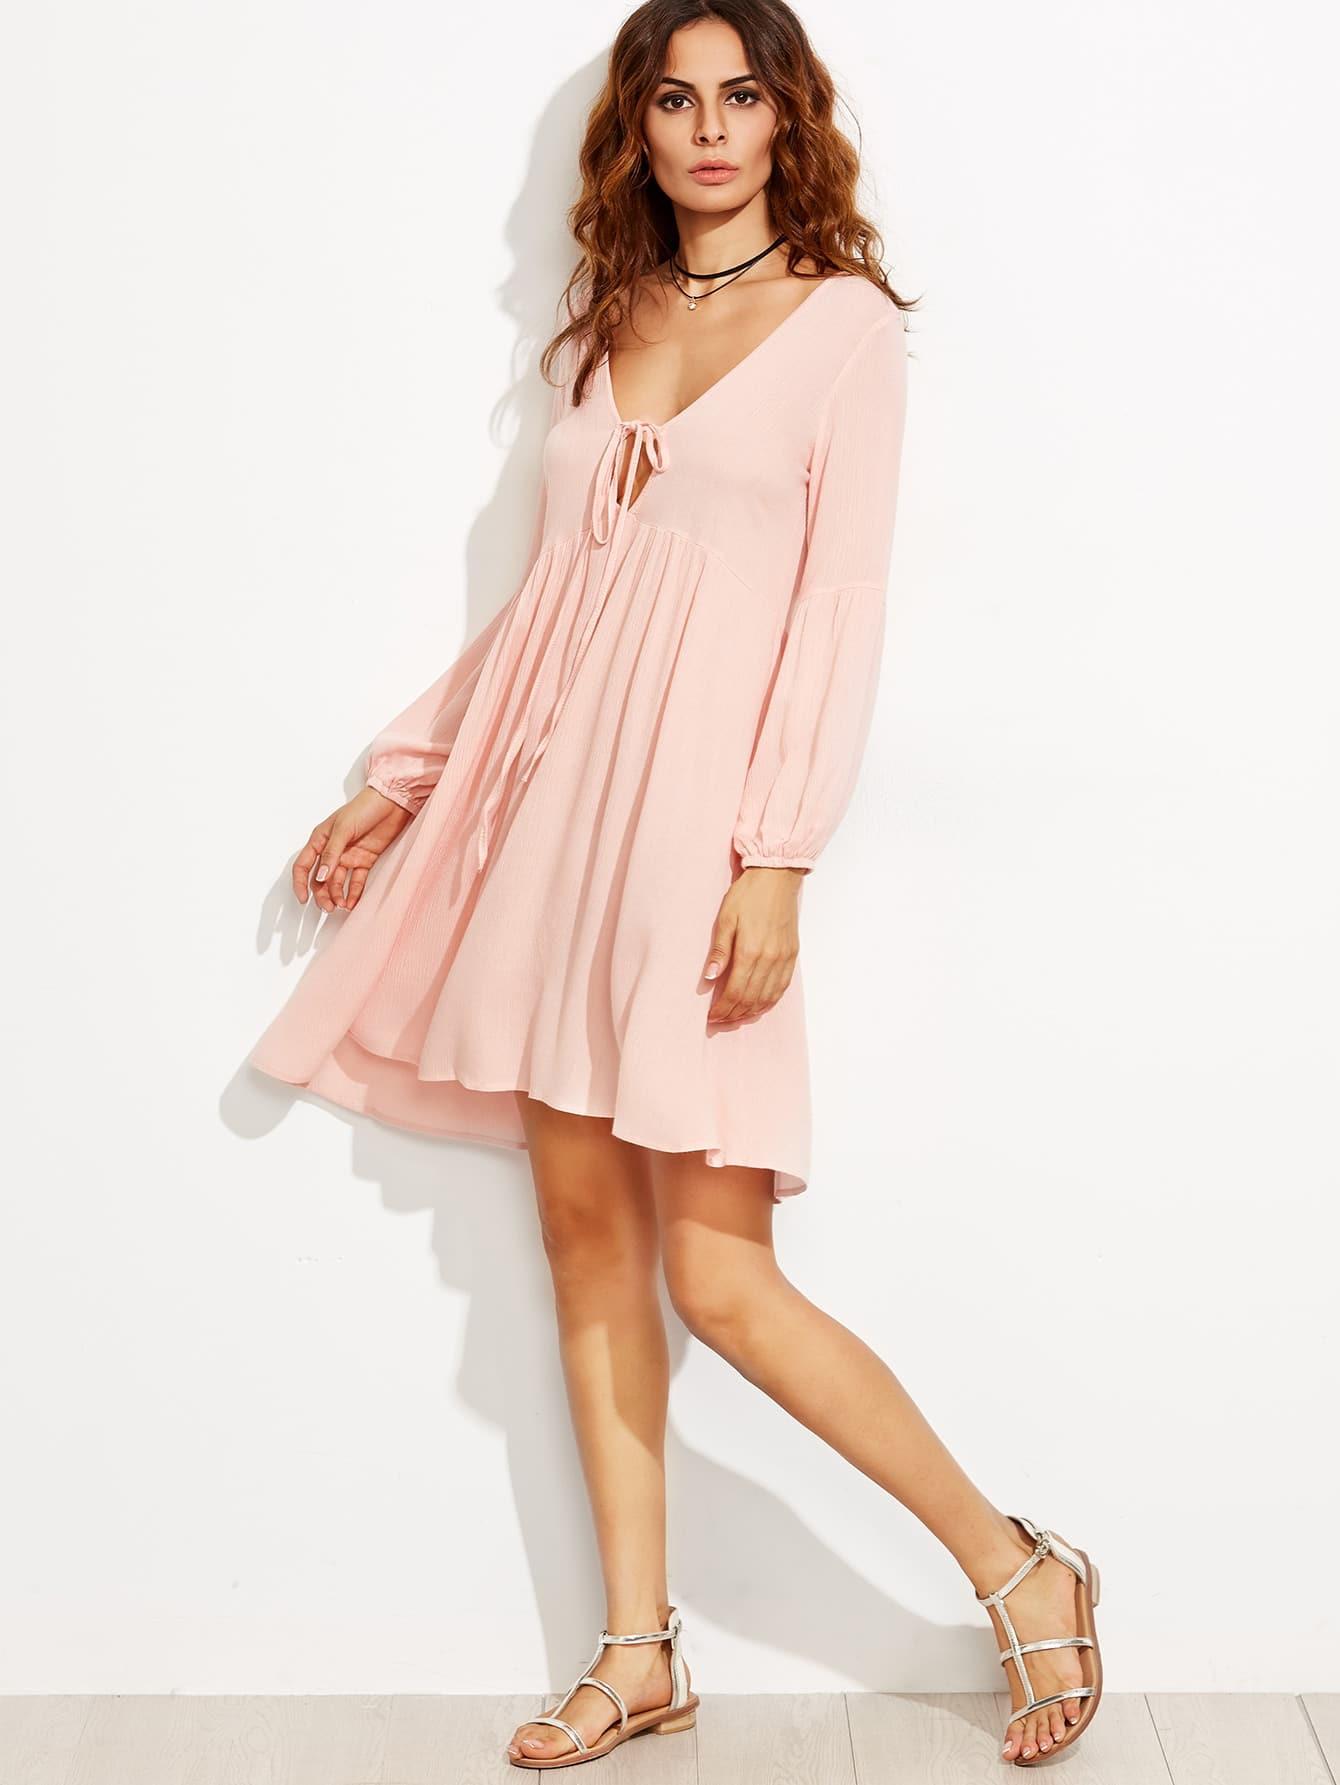 Kleid Mit Tiefem Vausschnitt  Rosa  Shein